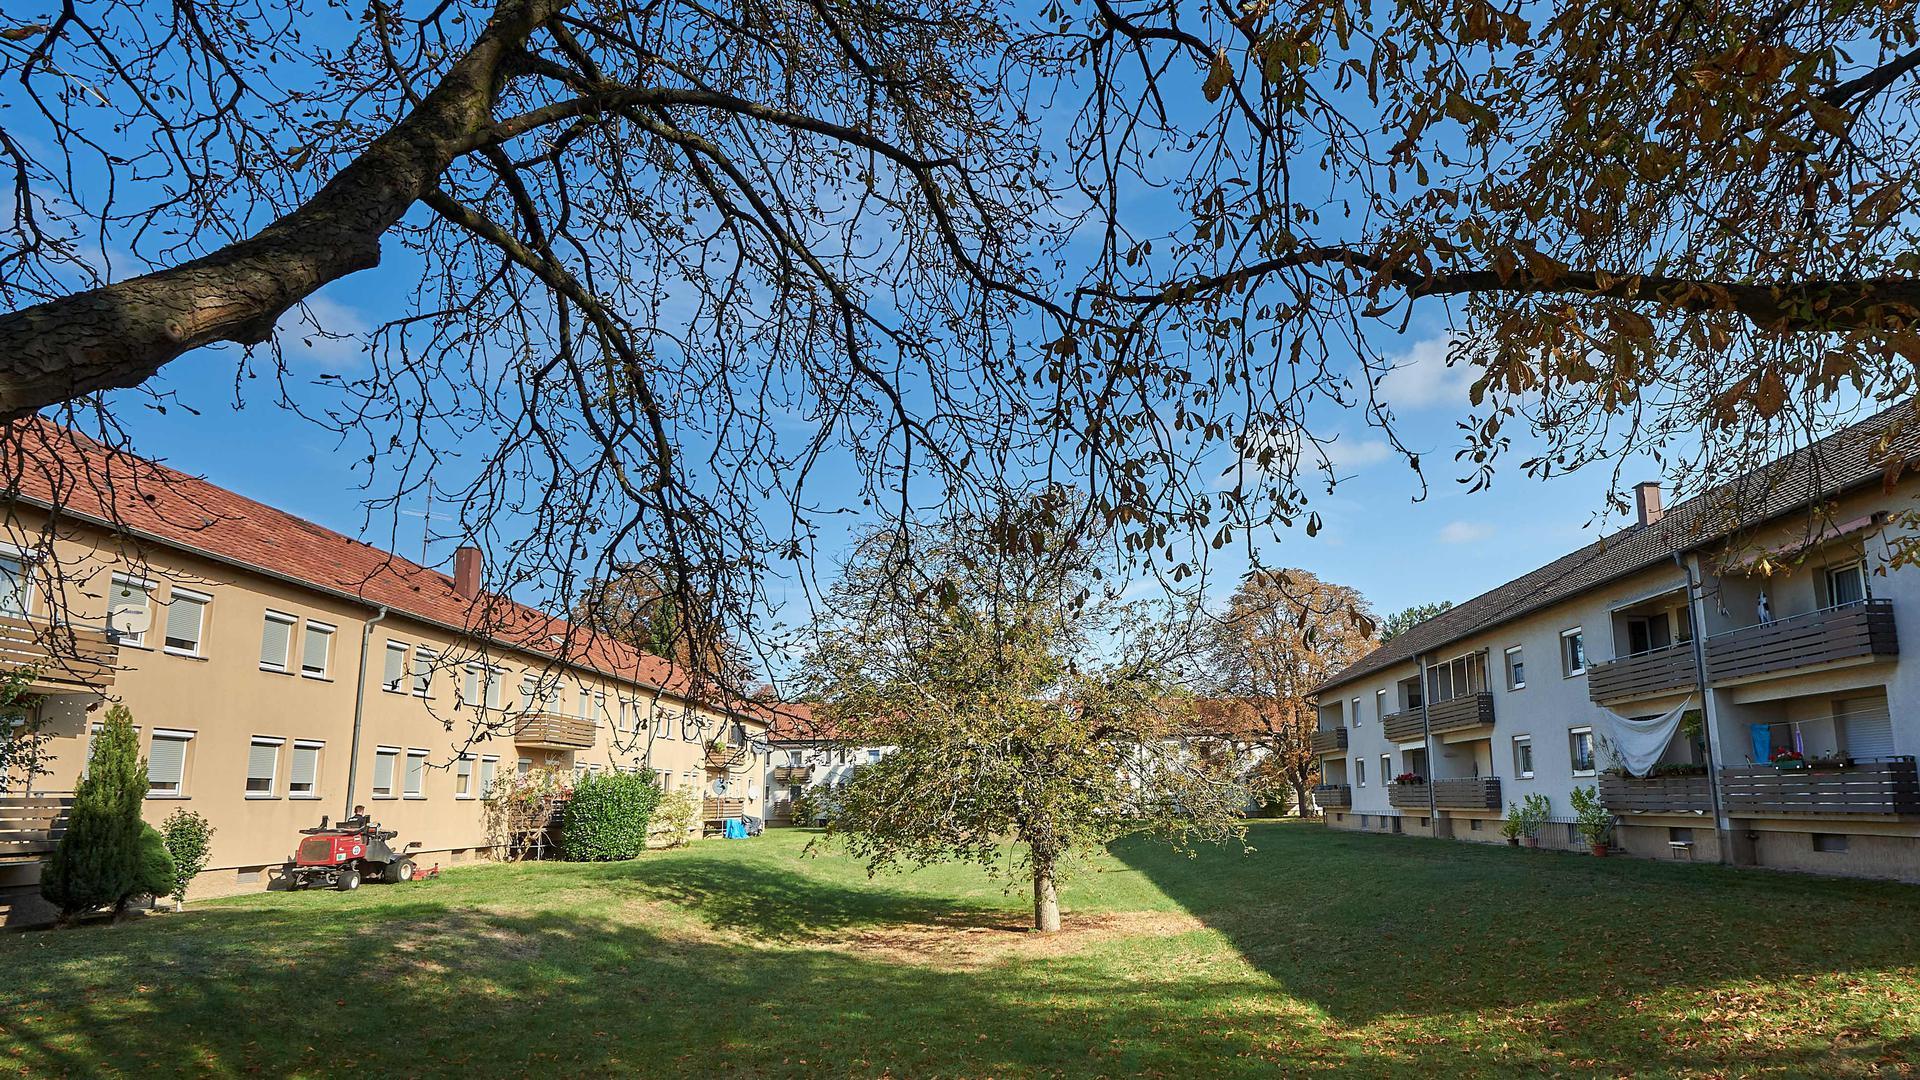 Siemenssiedlung_Weidenbusch